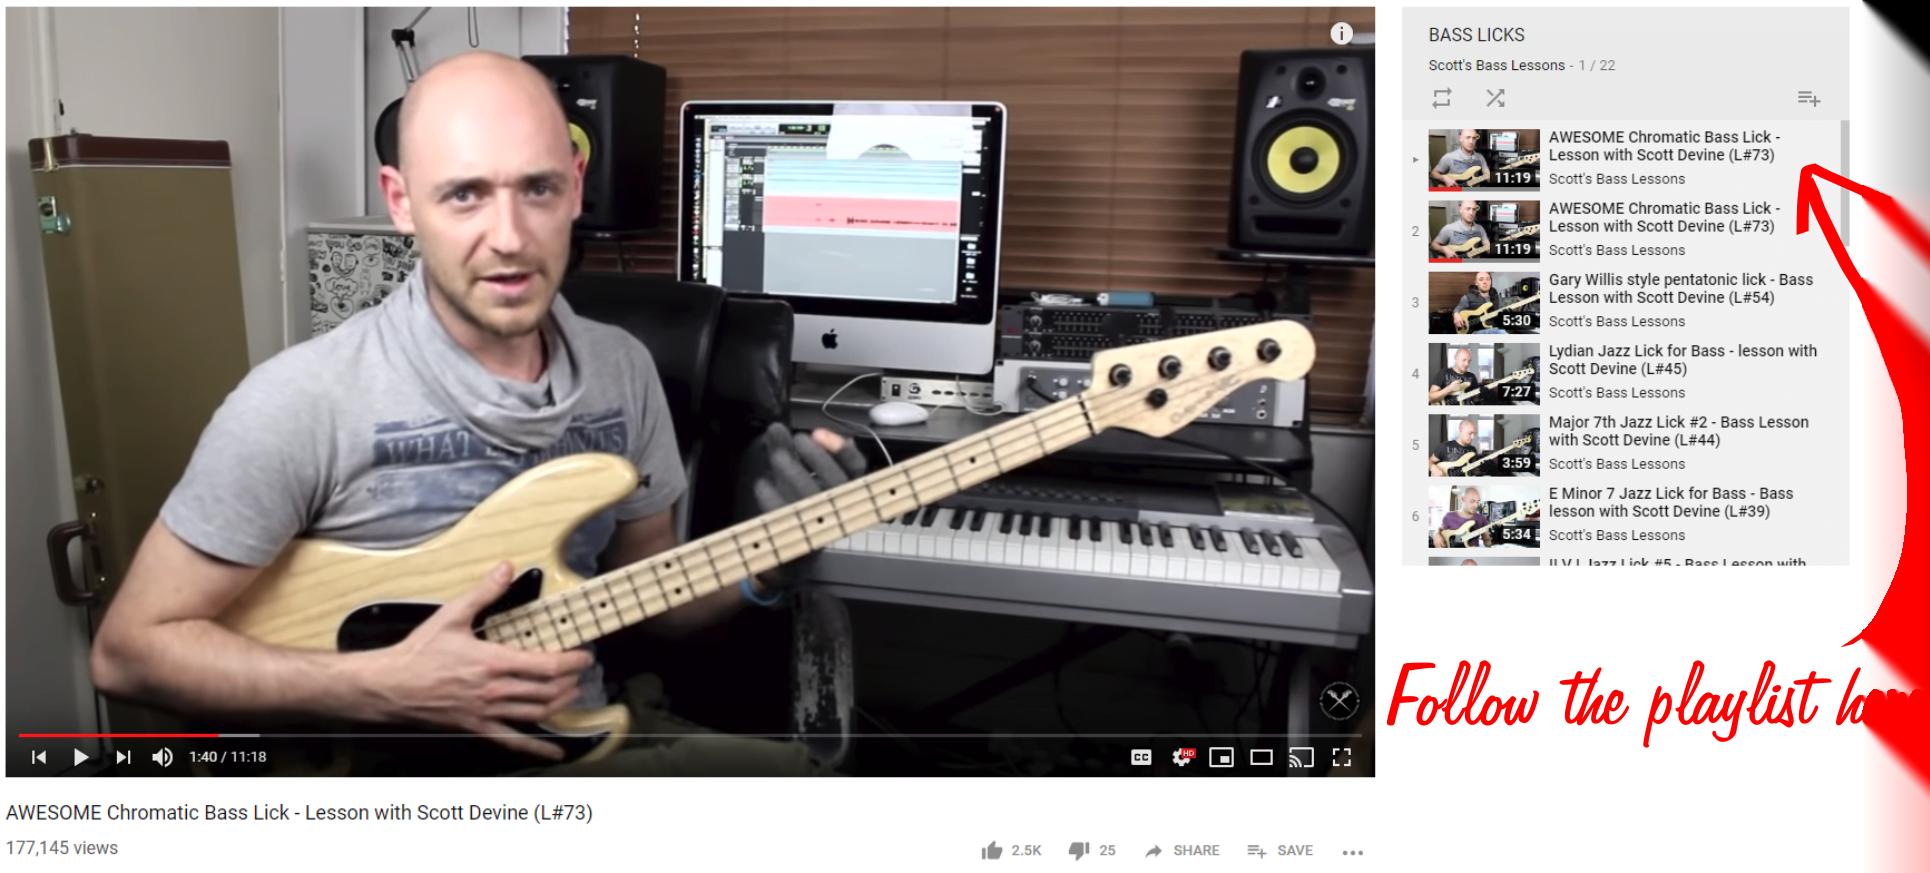 Scotts Bass Lessons Bass Licks Video